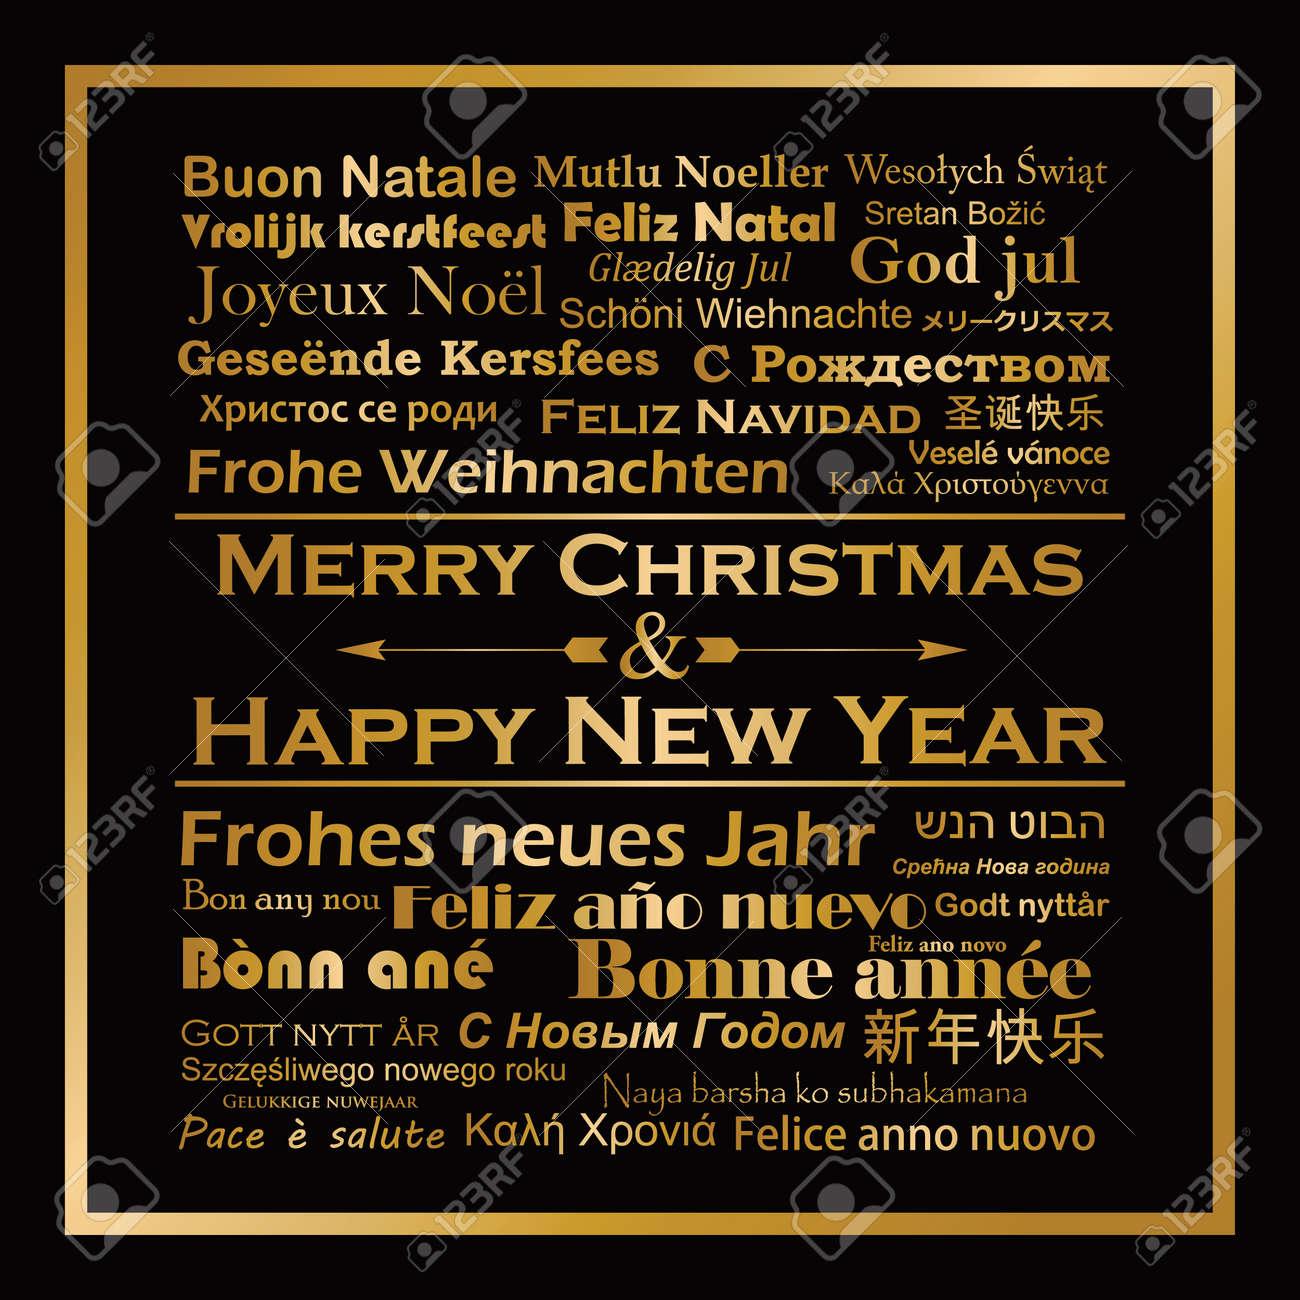 Frohe Weihnachten Und Ein Glückliches Neues Jahr In Allen Sprachen.Stock Photo